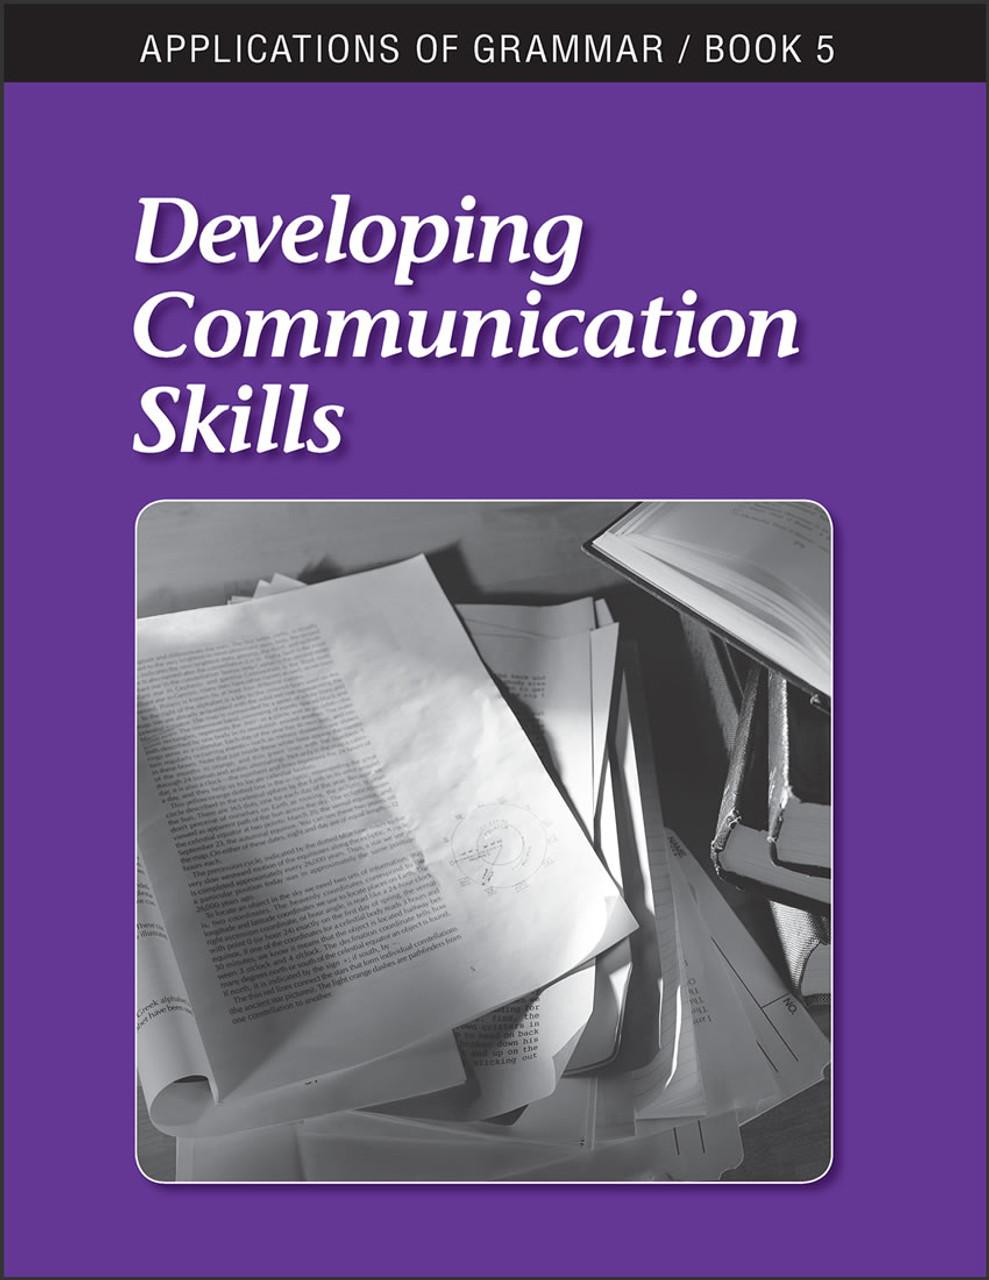 Applications of Grammar Book 5